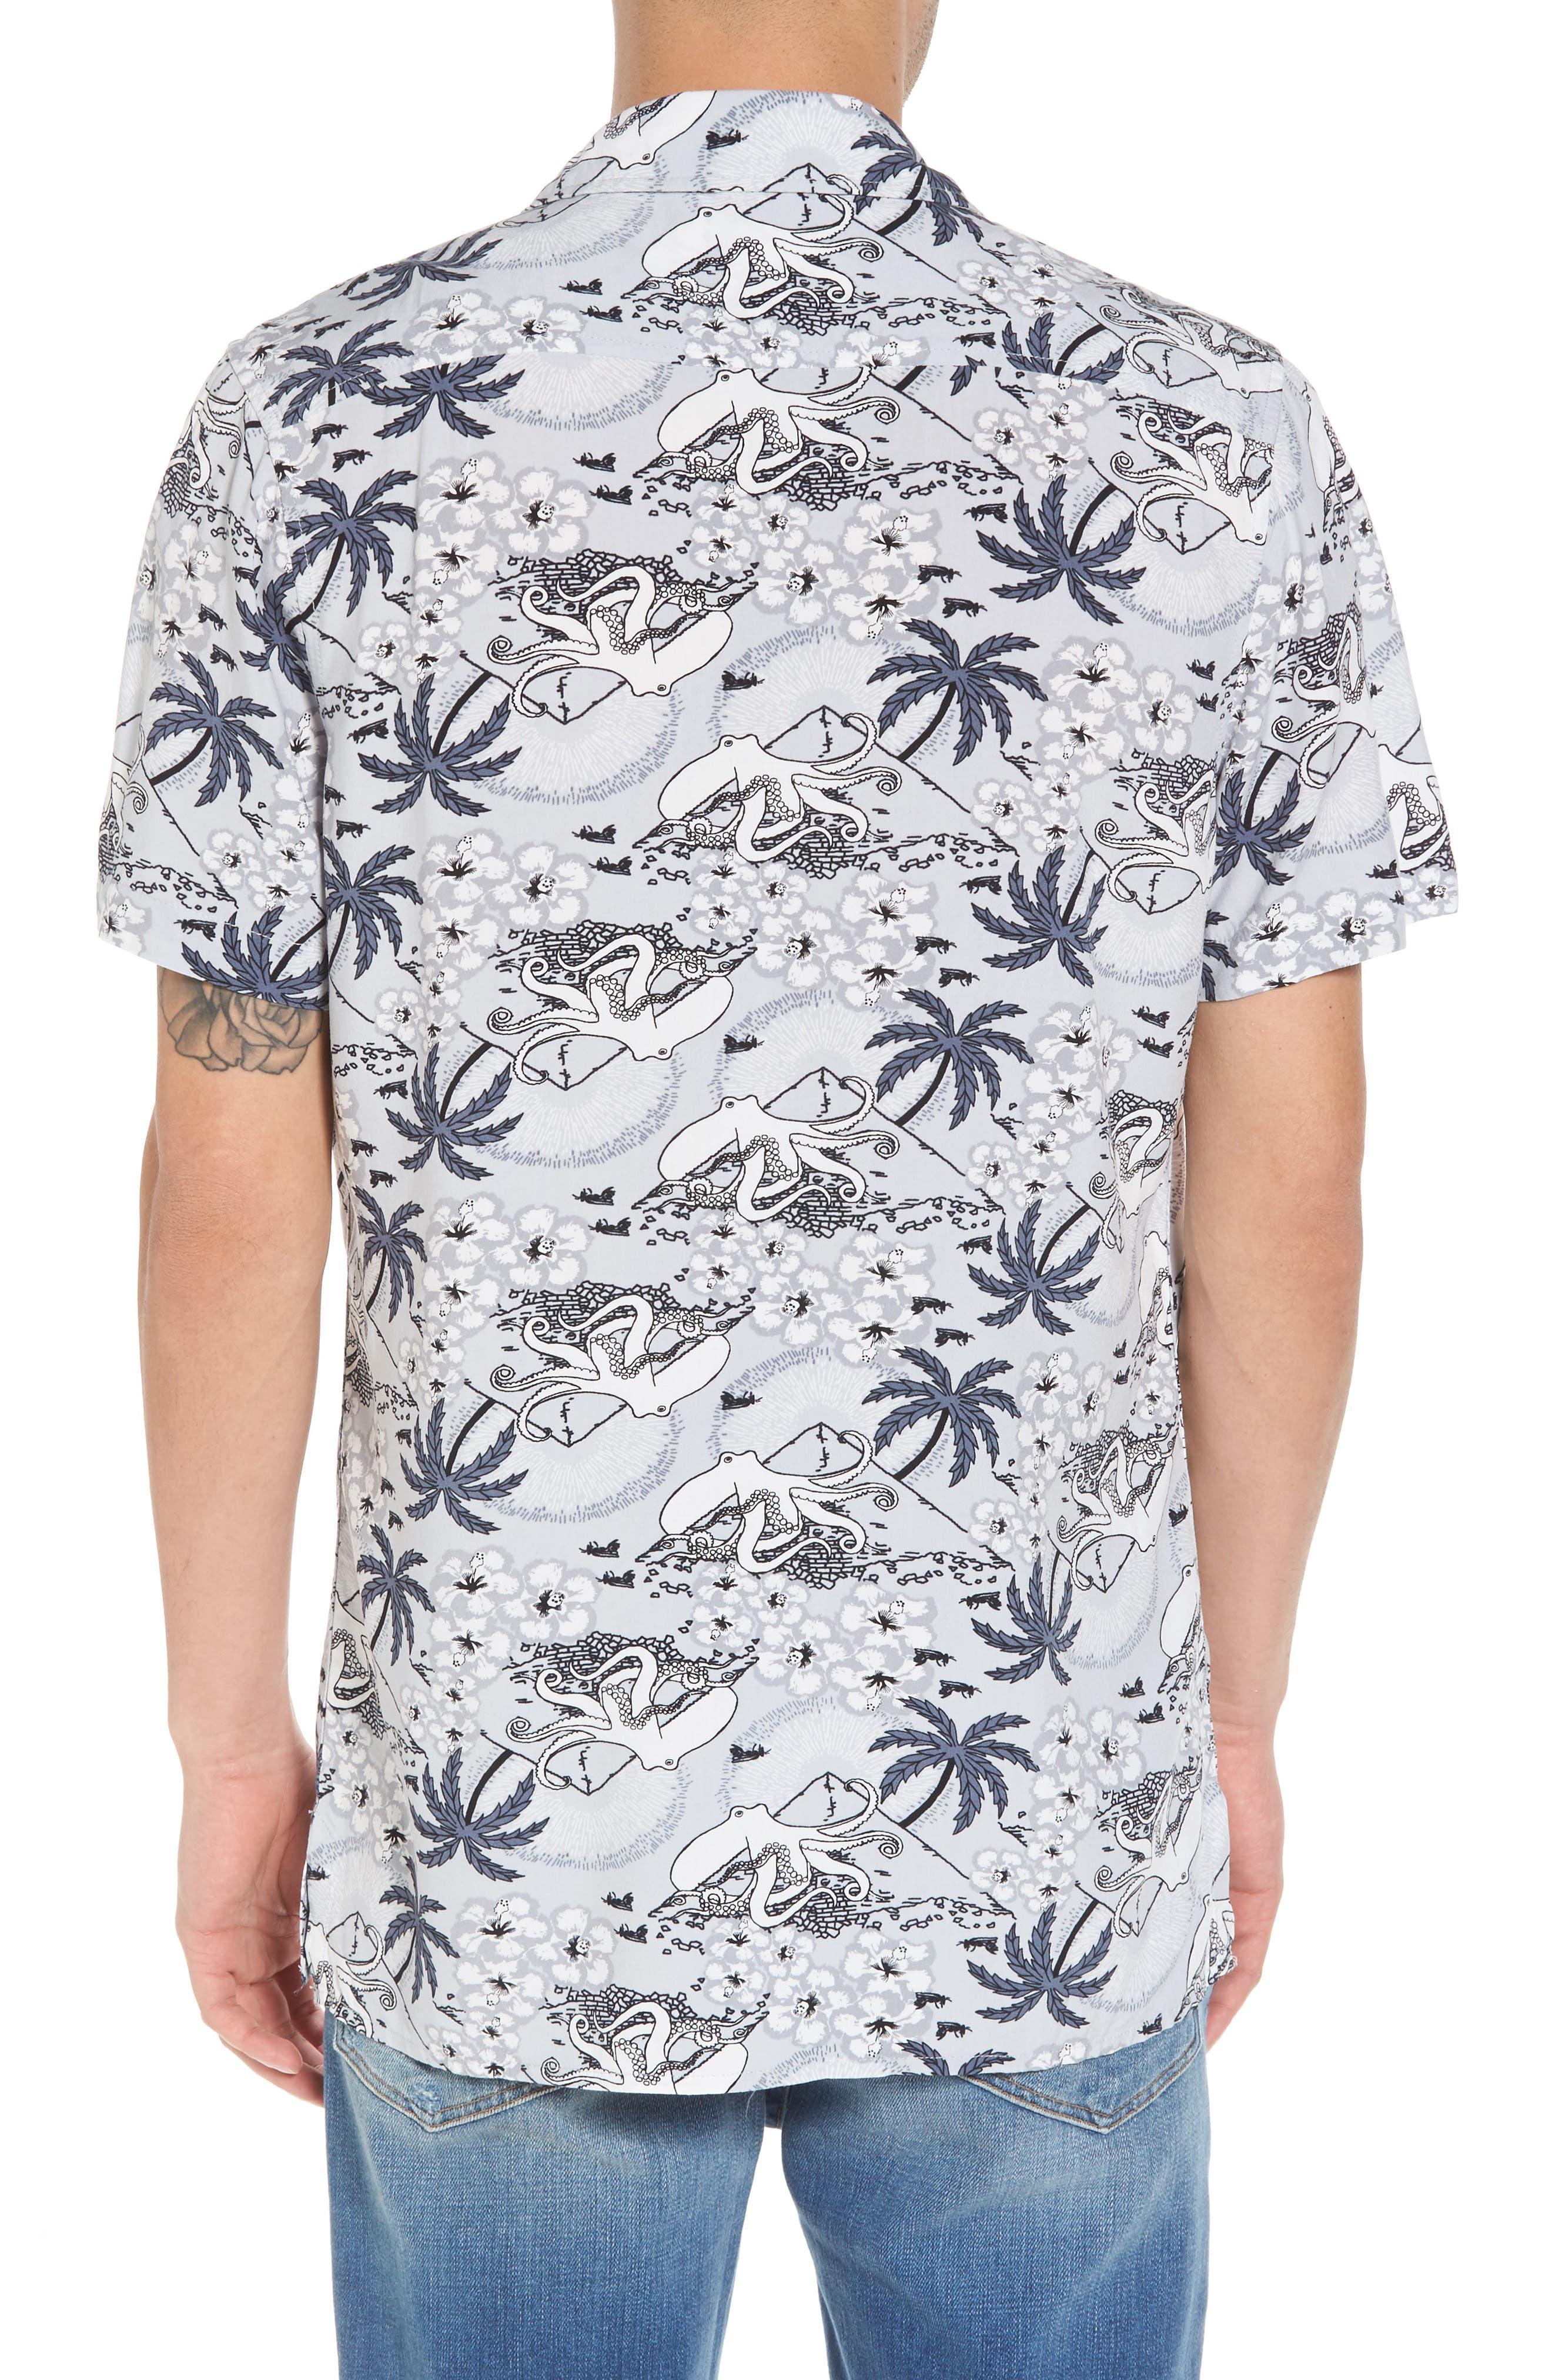 Camp Collar Shirt,                             Alternate thumbnail 2, color,                             030